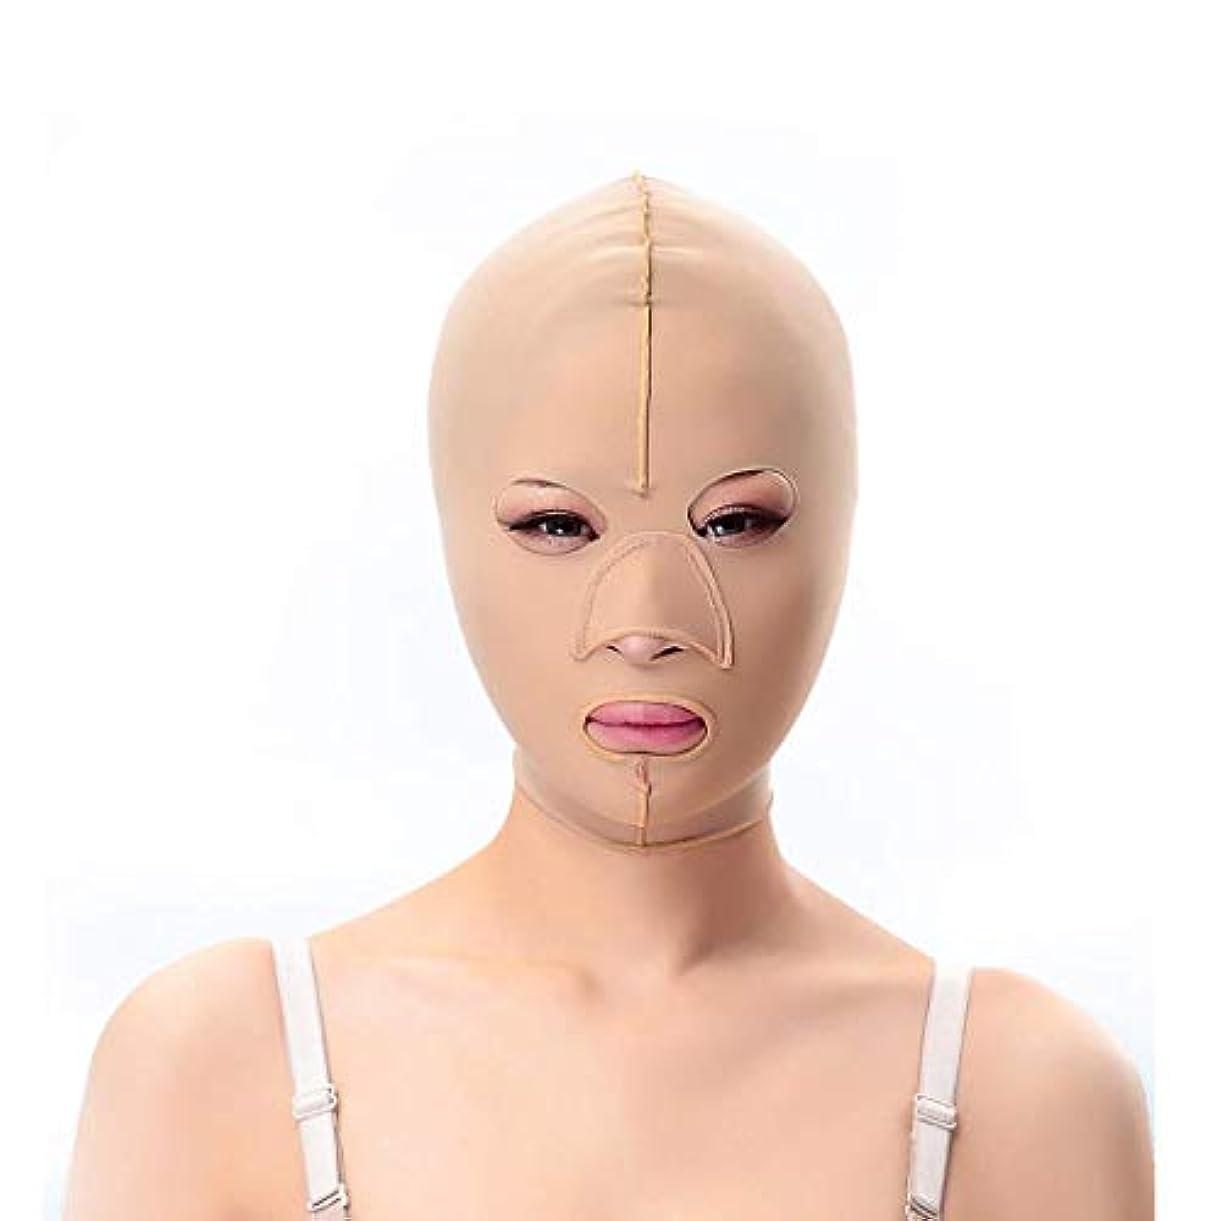 絵ローブホールドスリミングベルト、フェイシャルマスク薄いフェイスマスク布布パターンリフティングダブルあご引き締めフェイシャルプラスチック顔アーティファクト強力な顔包帯(サイズ:M)